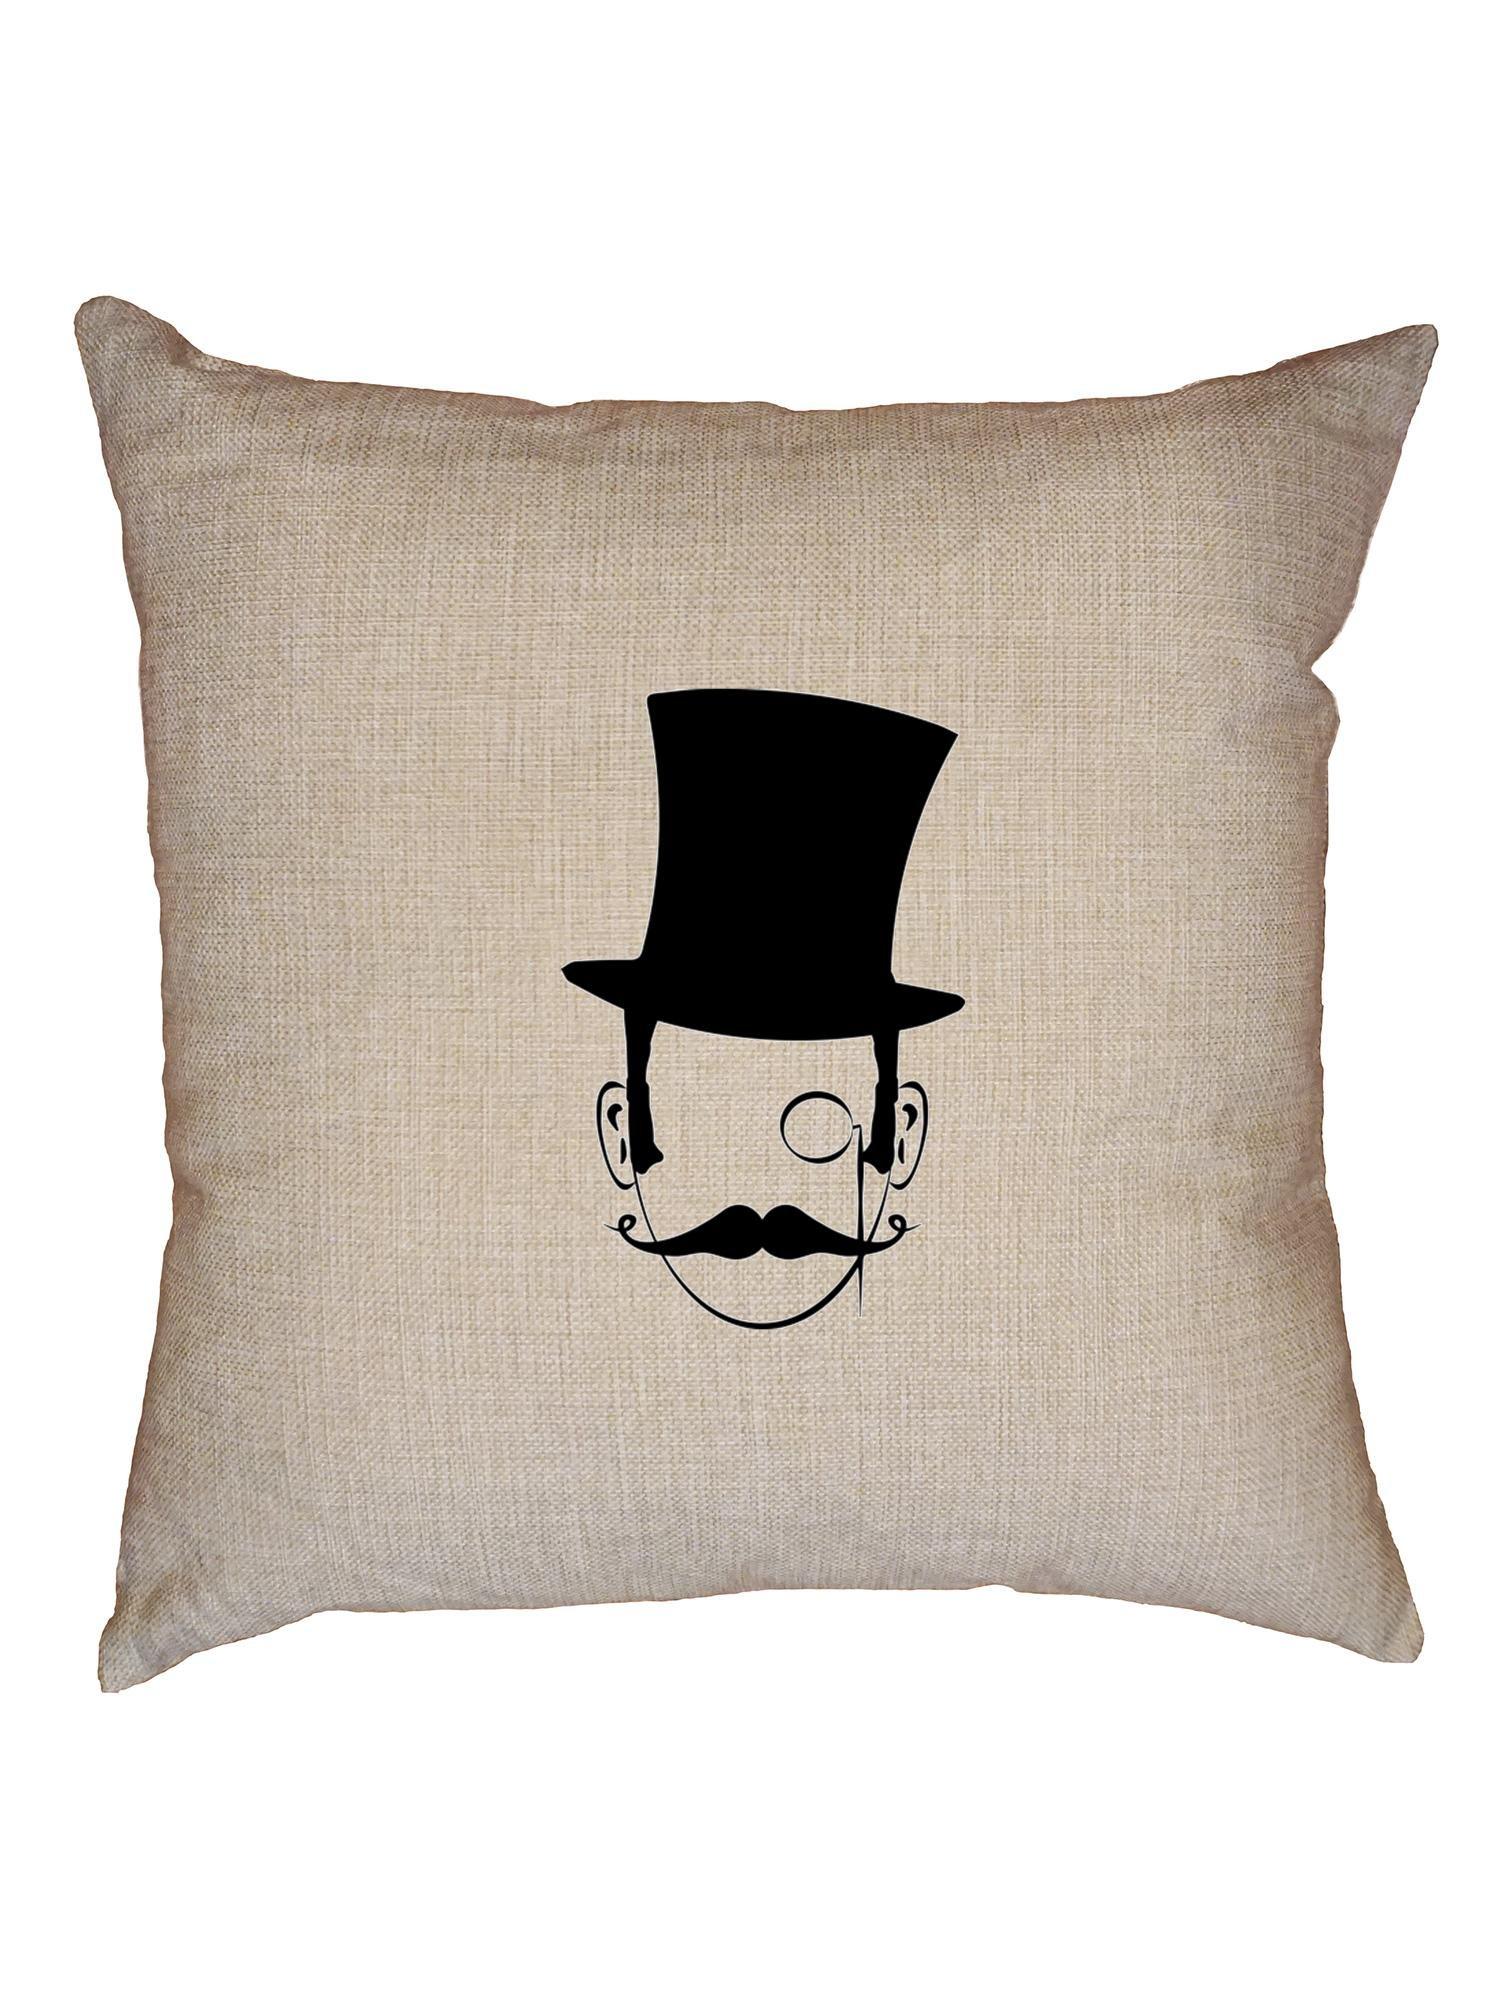 Hollywood Hipster Monopoly Man - Funda de cojín con inserto para hombre con diseño de monóculo y bigote: Amazon.es: Hogar